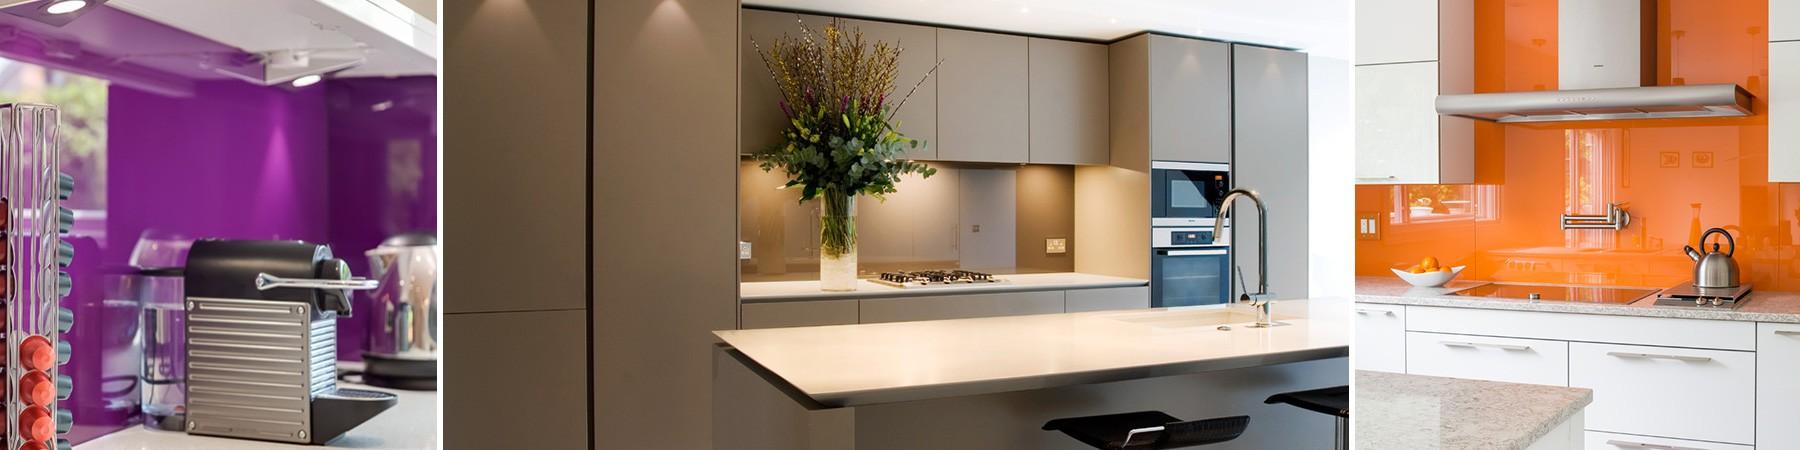 Paneles acrilicos para cocinas simple paneles imantados - Panel pared cocina ...